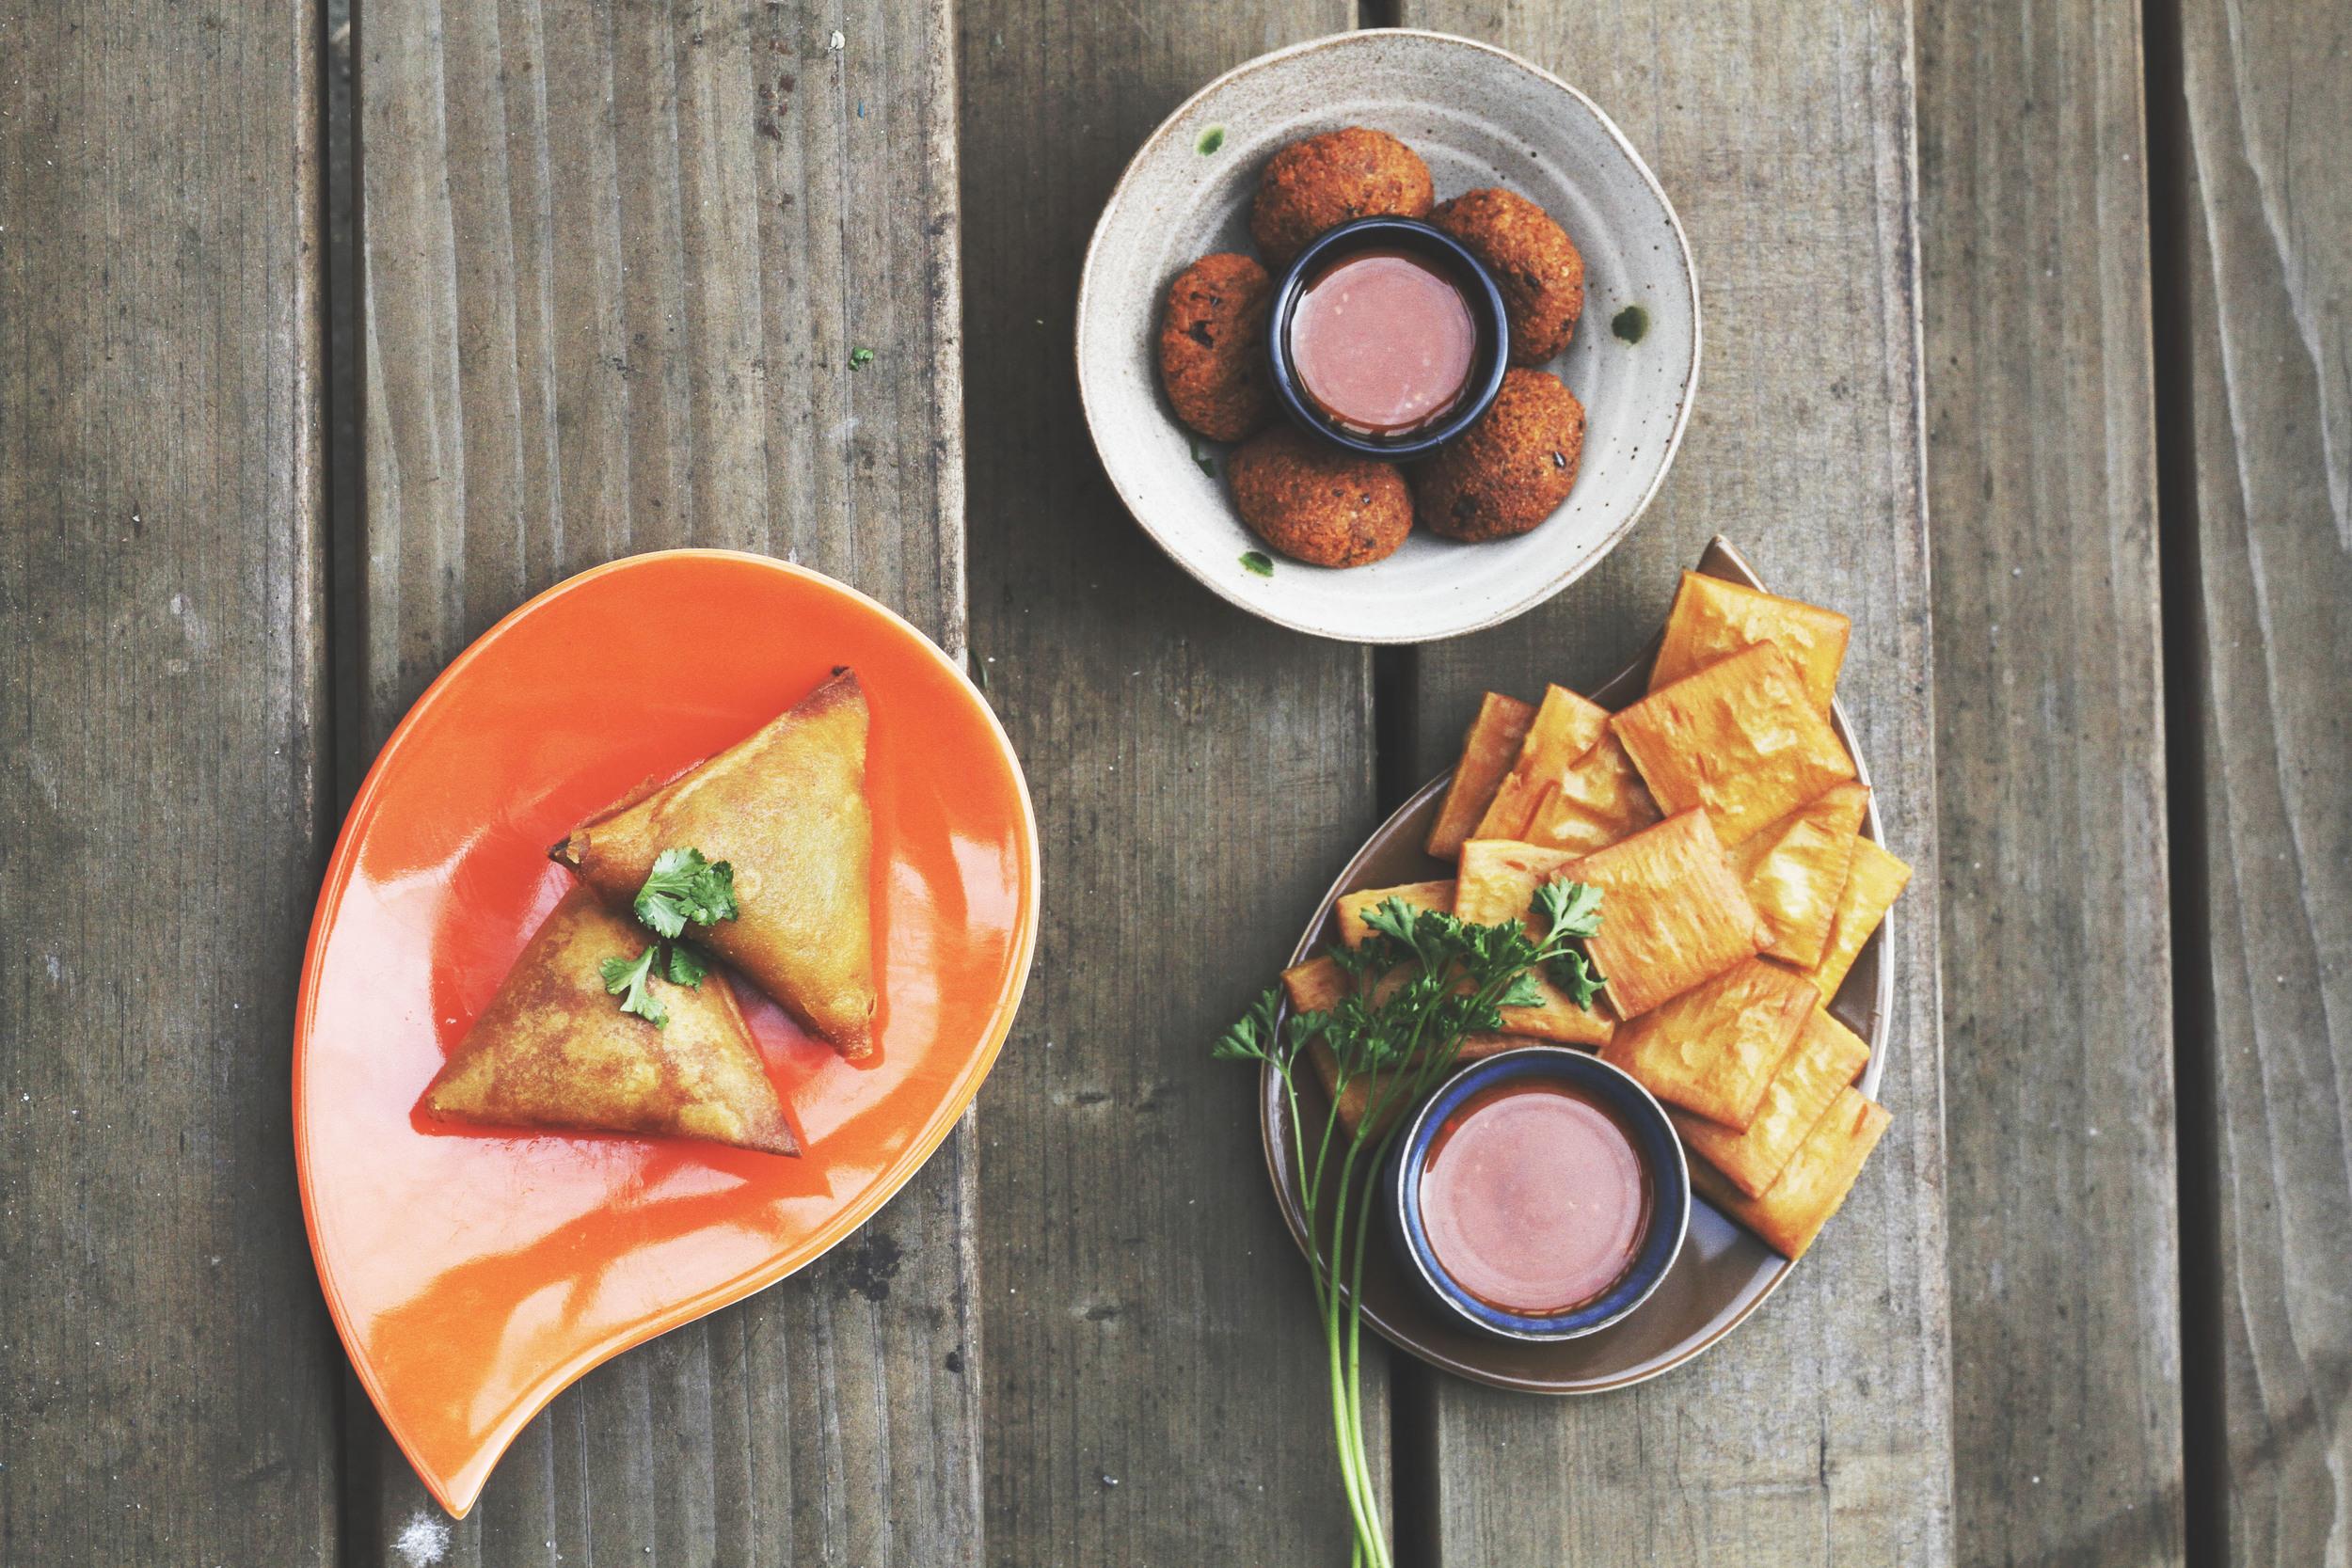 Combo Fried Platter